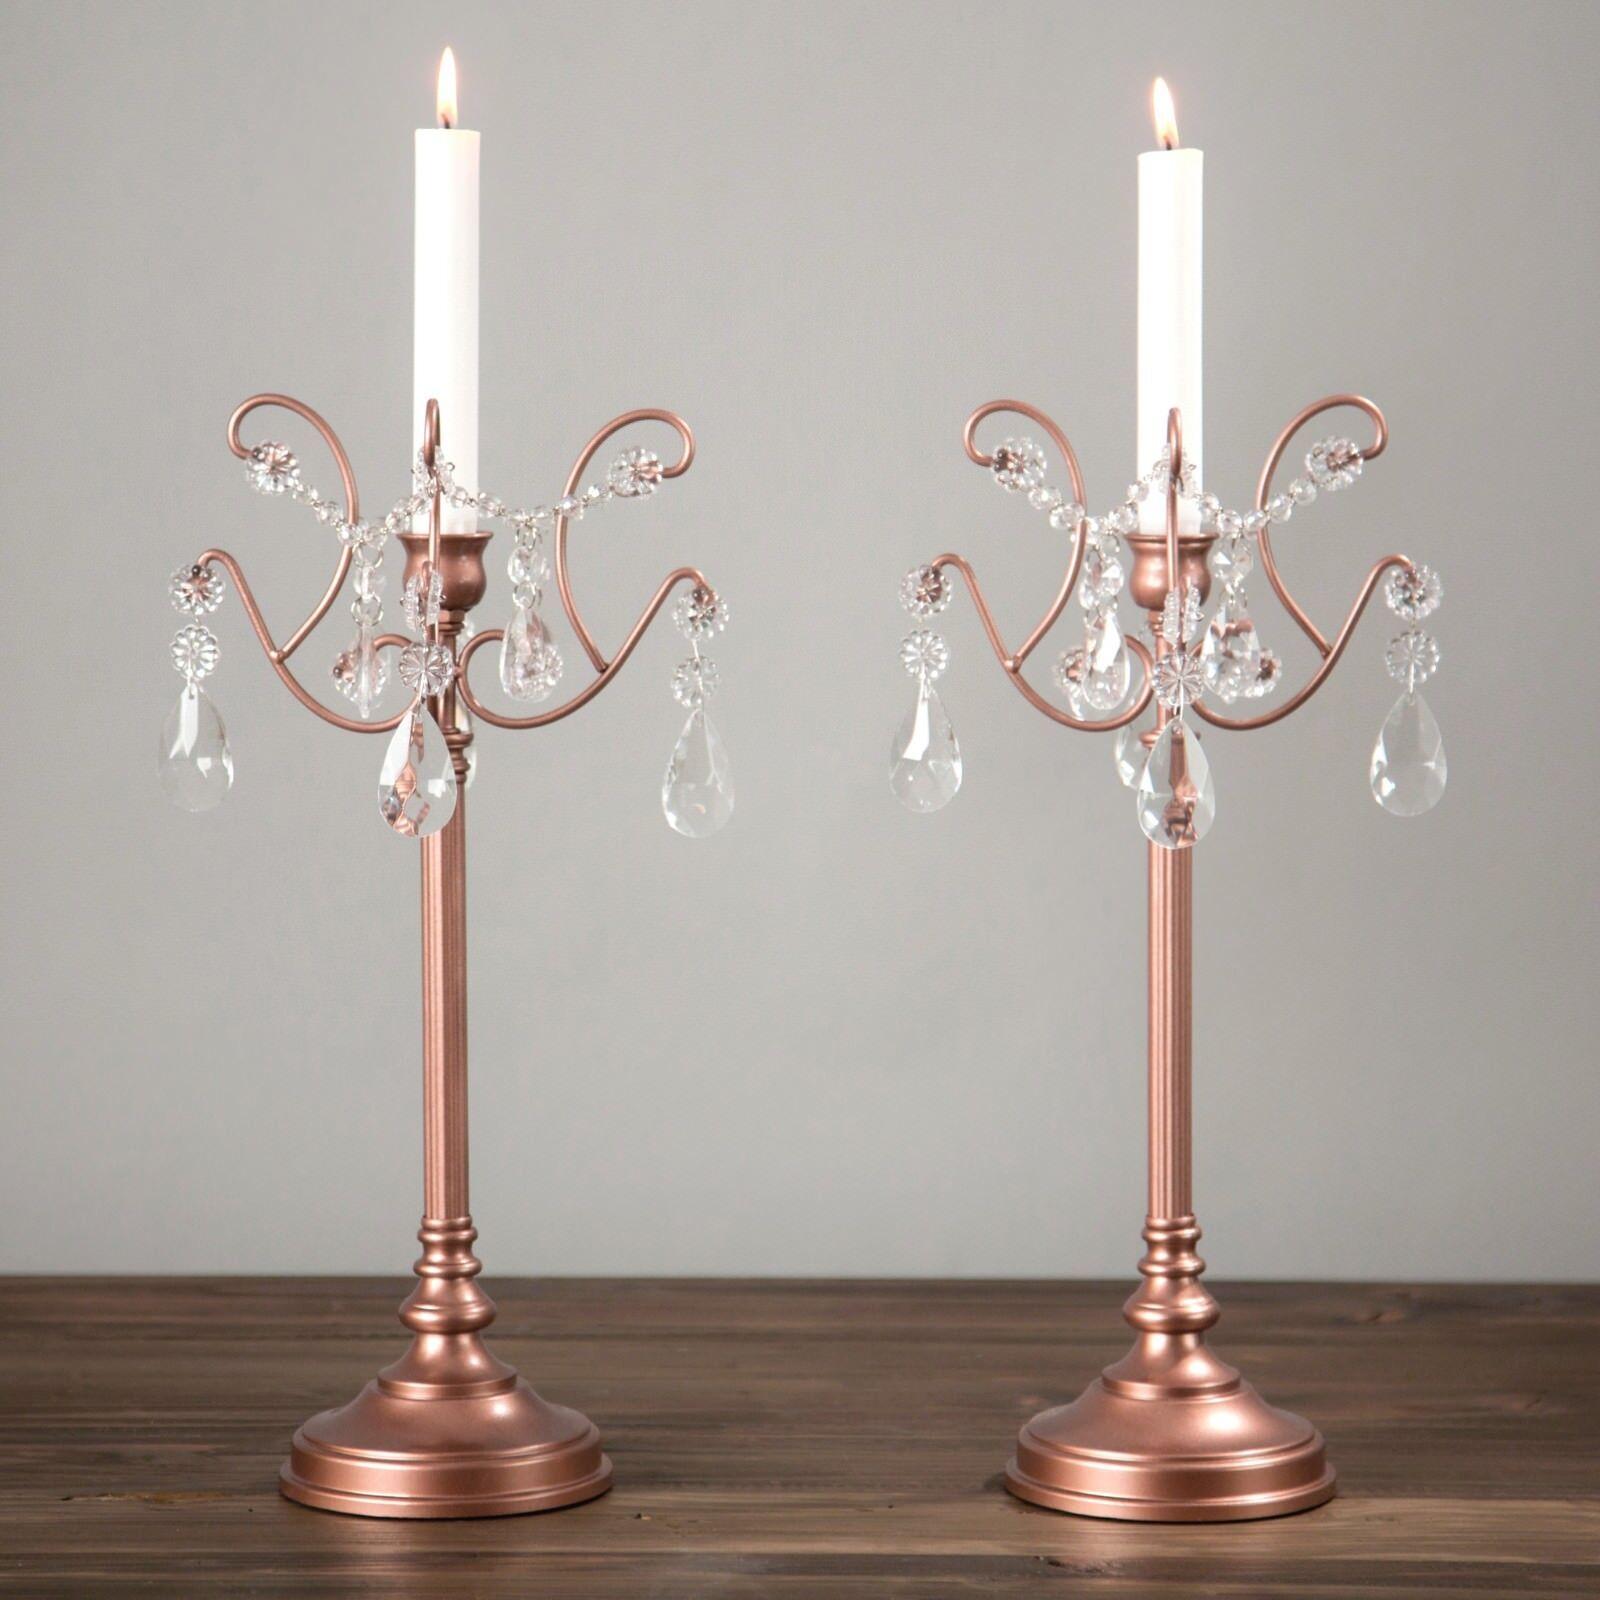 2-Piece Candlestick Candle Holder Set Candelabra Light Home